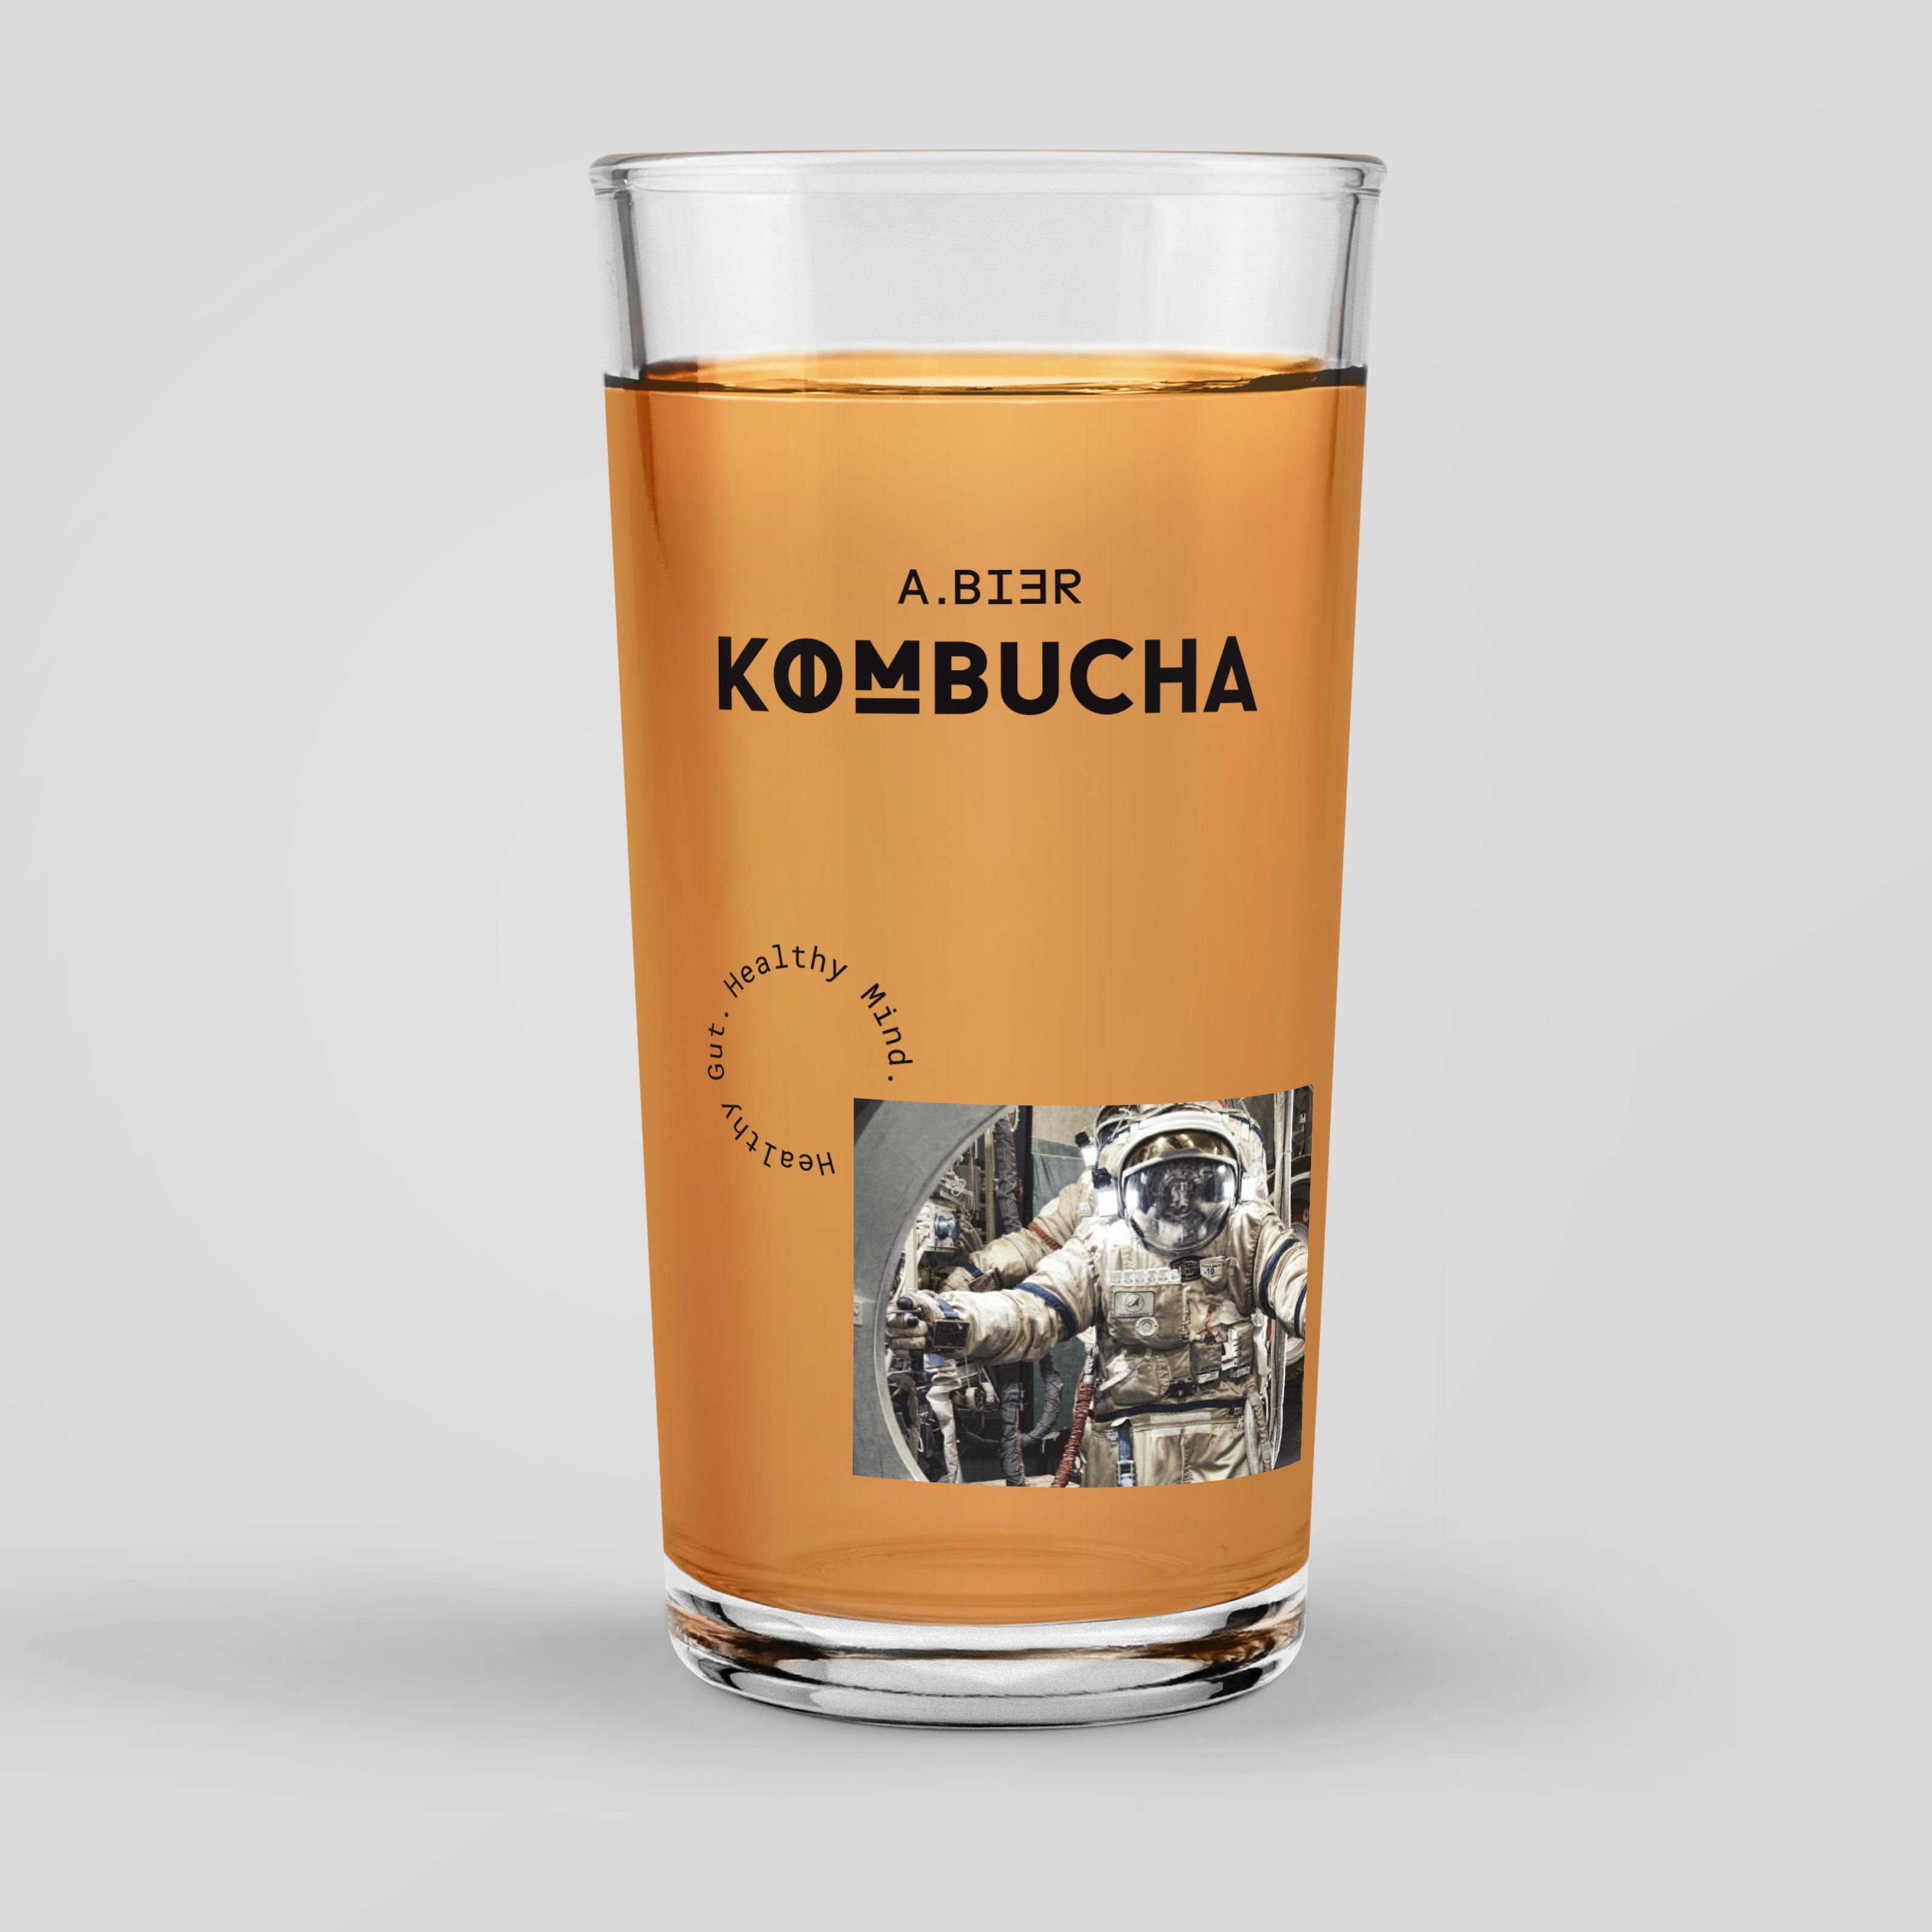 02_Kombucha_glas_1